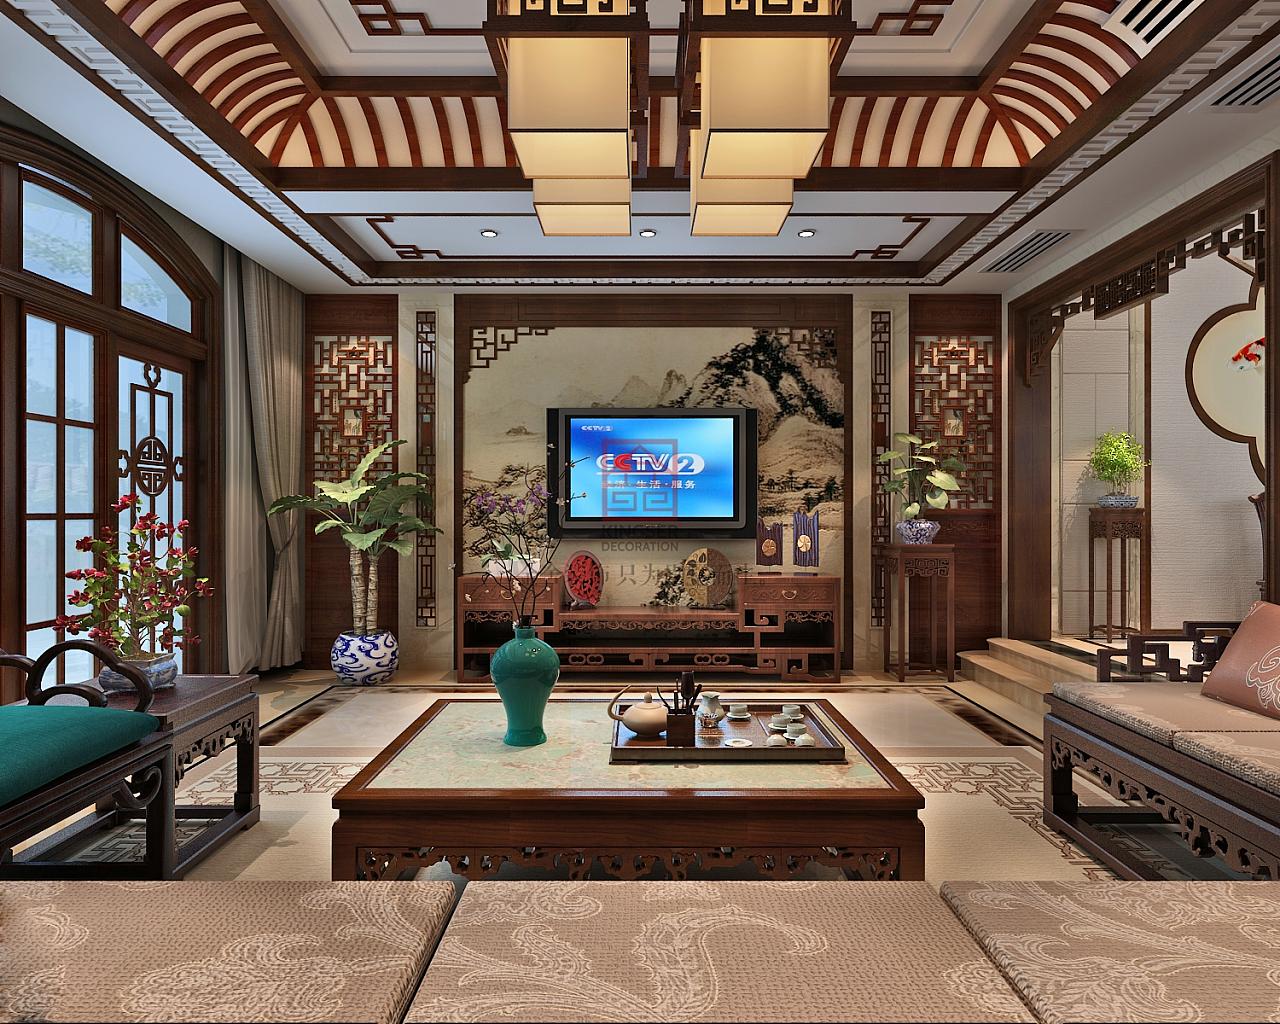 太行轩圃中式风格装修效果图|空间|室内设计|别墅大宅